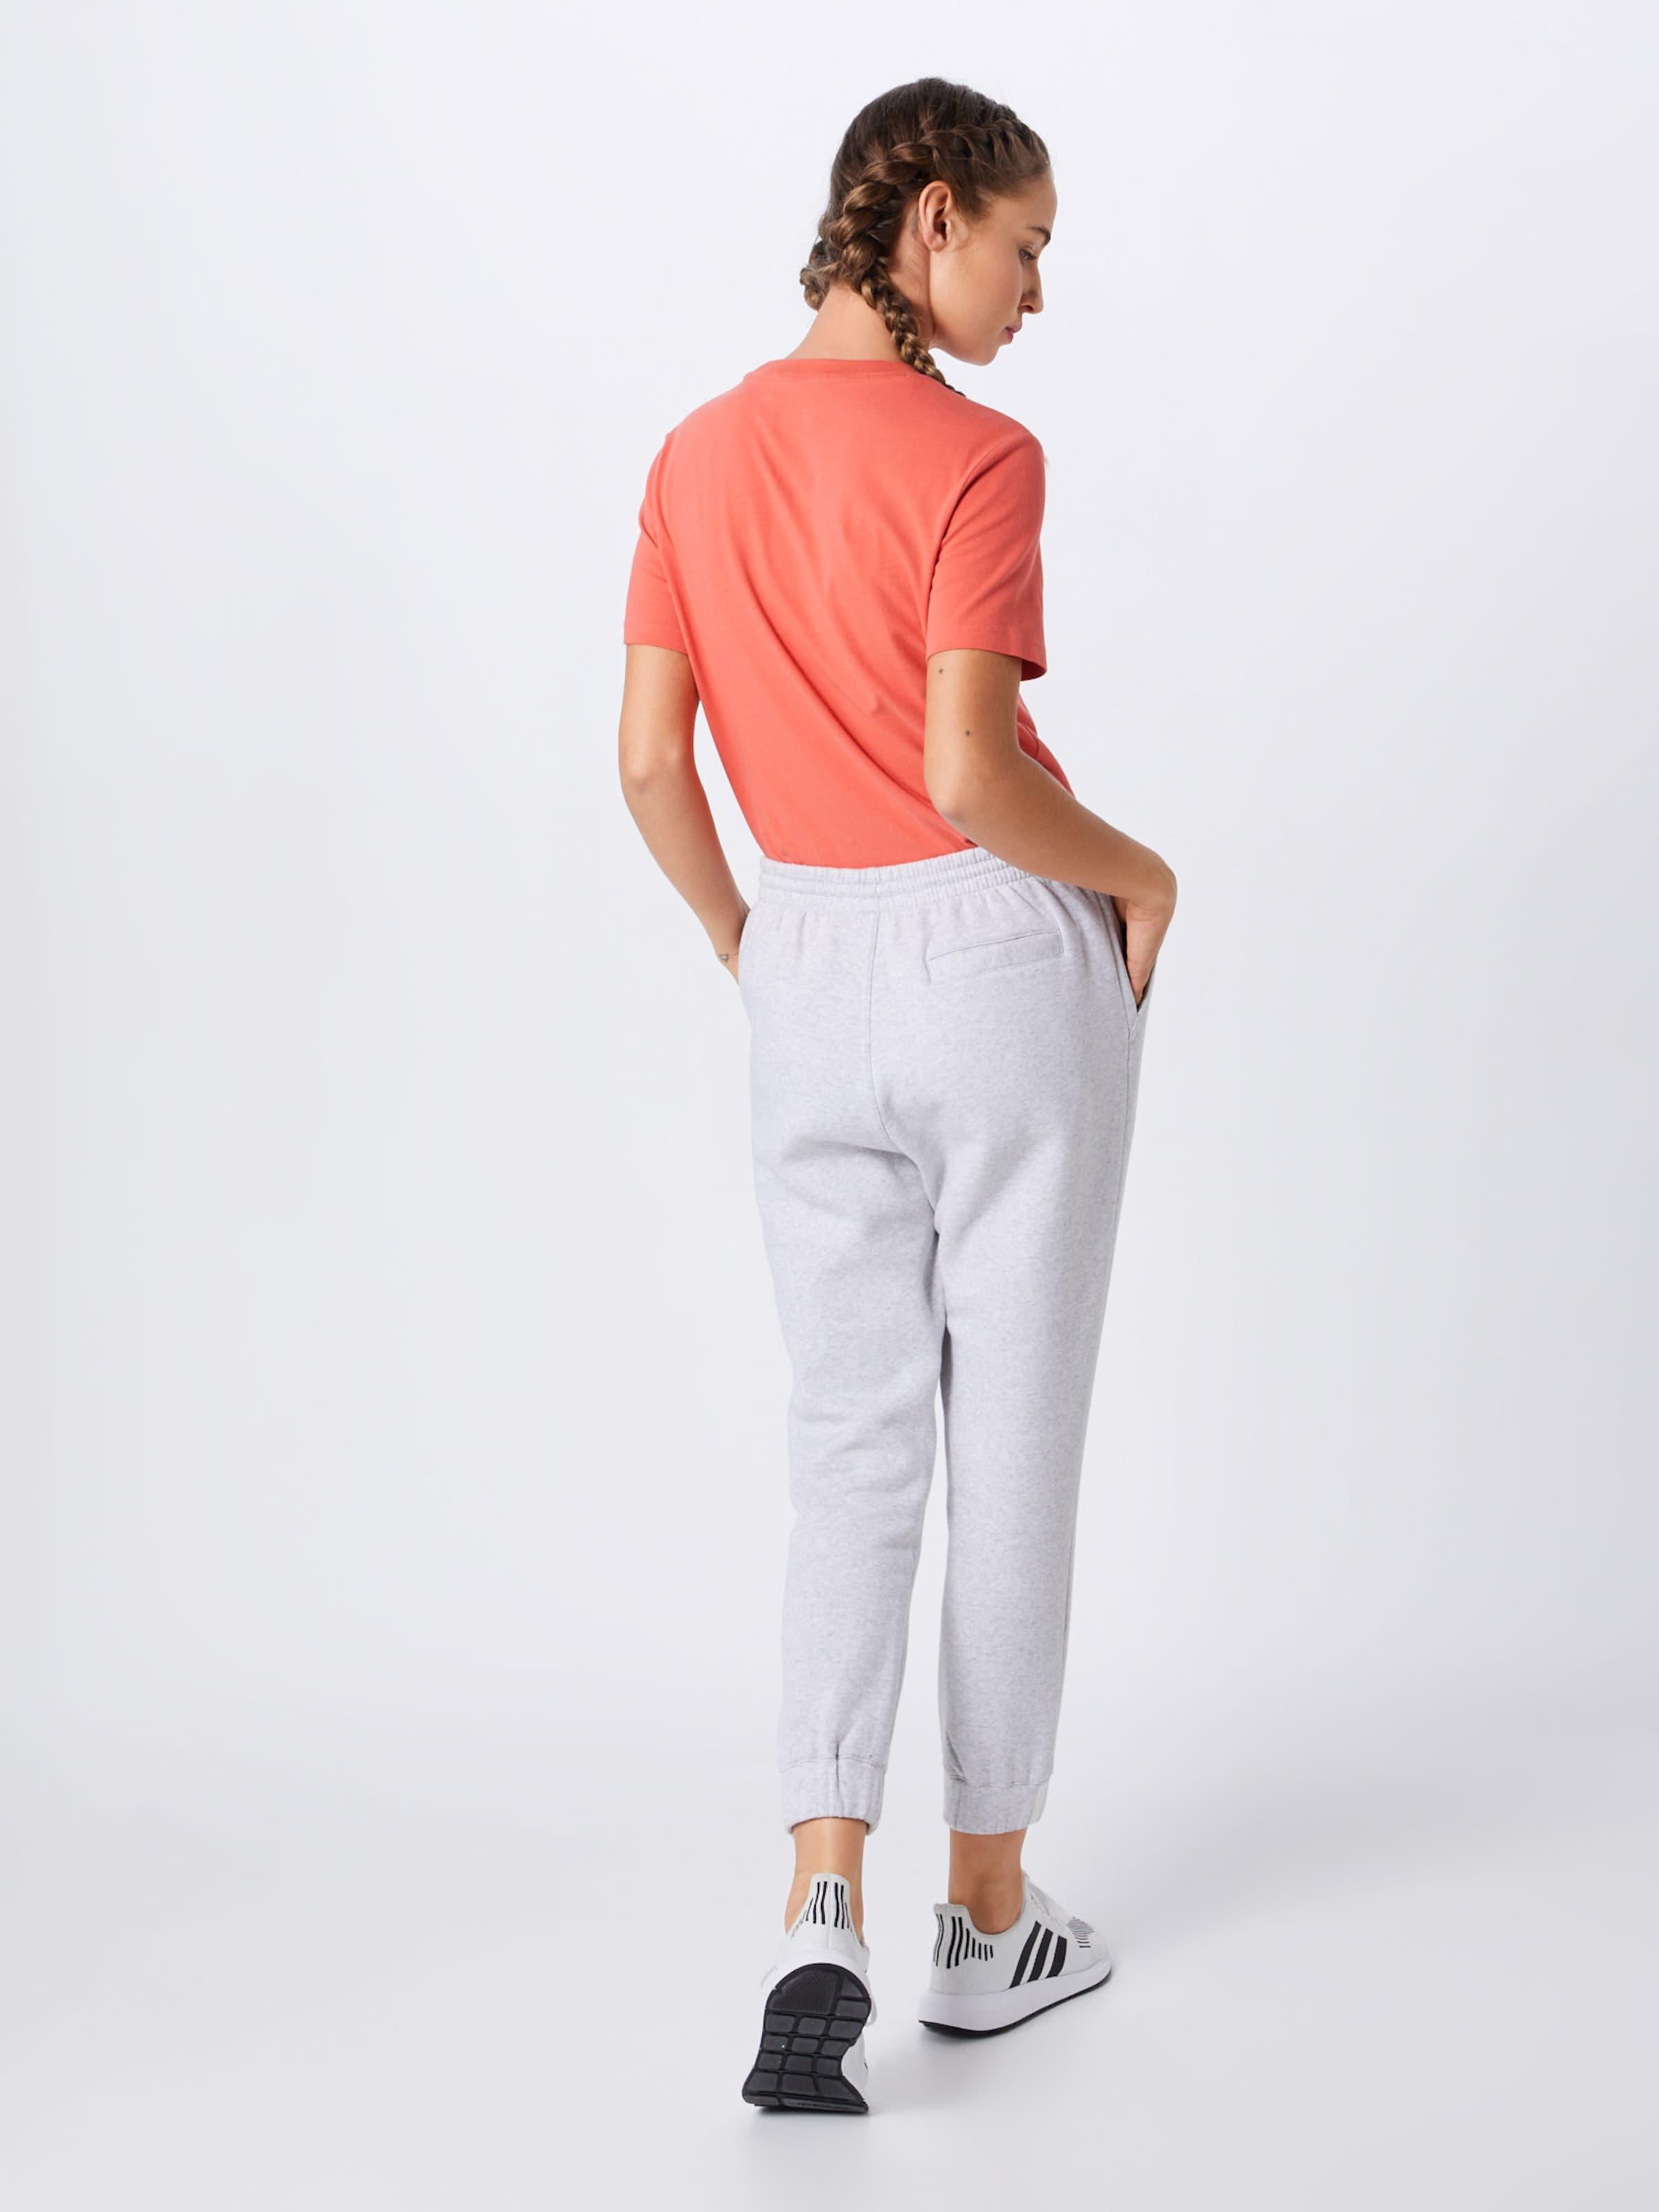 Originals Adidas Gris Pantalon 'coeeze' En Chiné fbgy7vY6